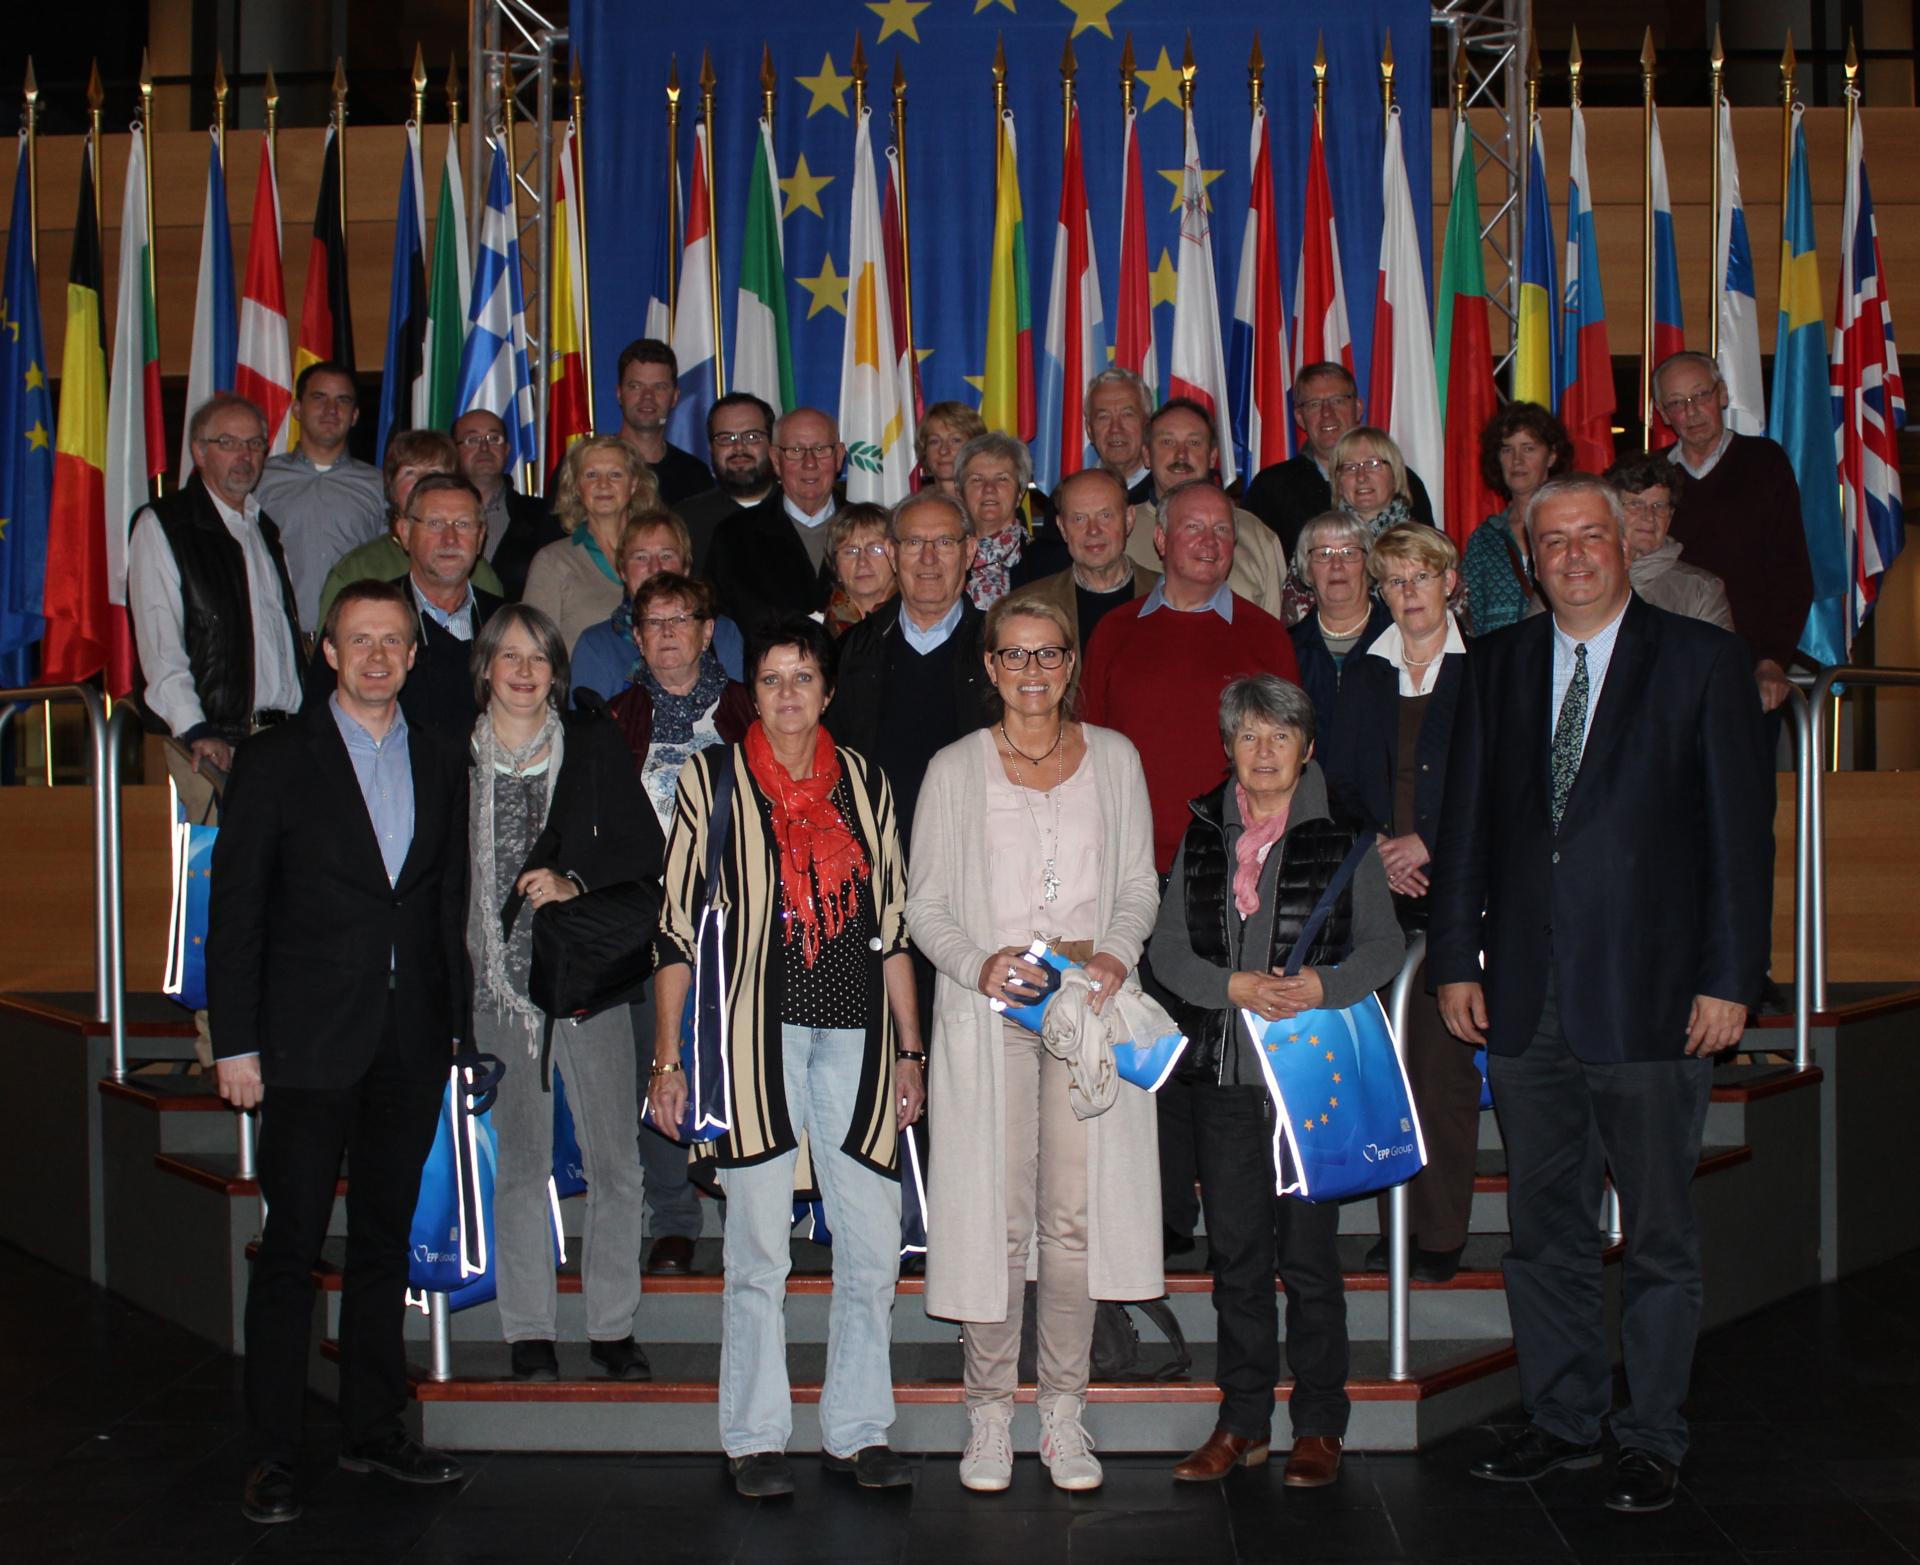 Gruppenfoto Europaparlament